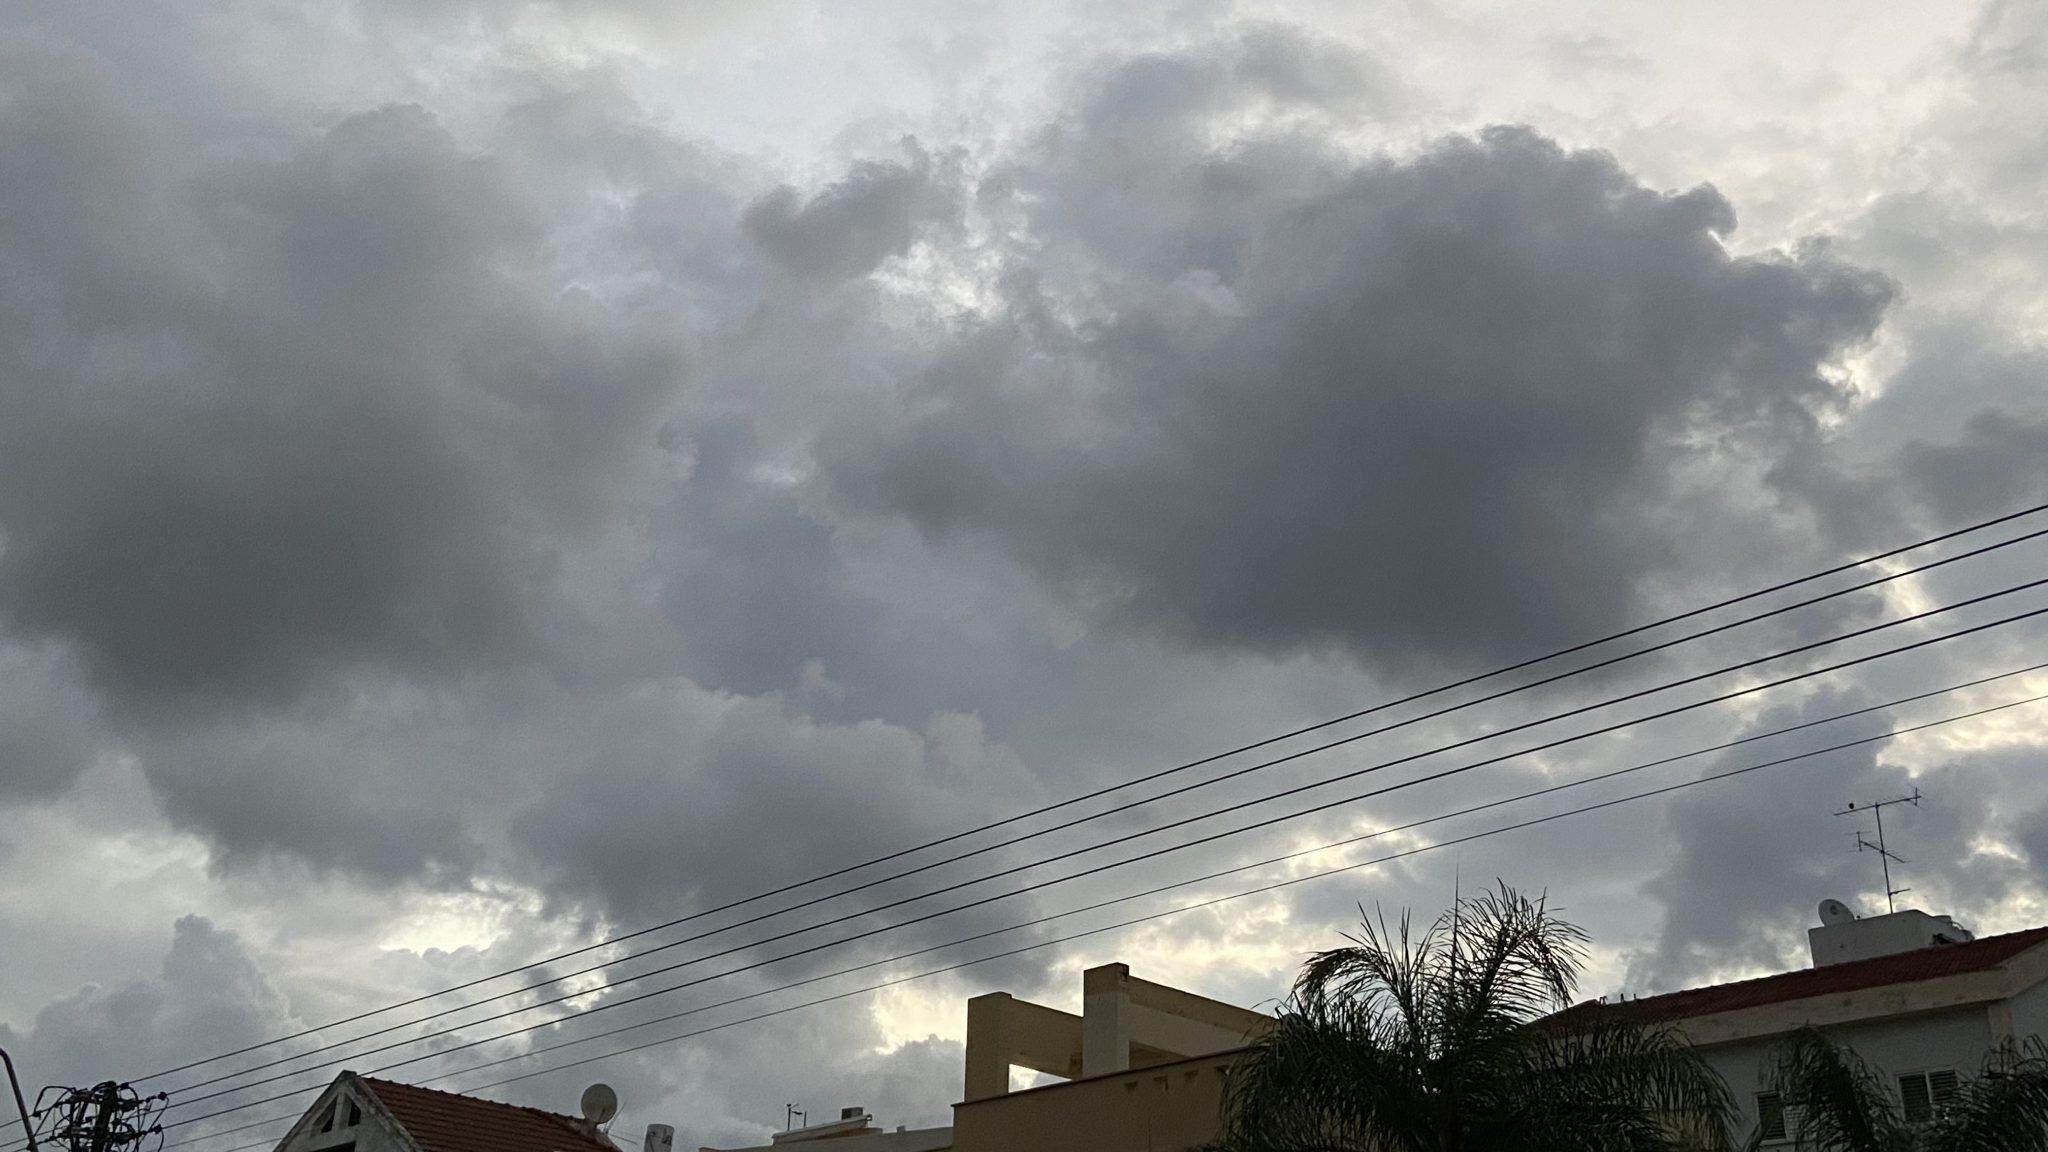 בוקר טוב עם ישראל היקר | תחזית מזג האוויר: מעונן ויבש. הרוחות יתחזקו בשעות אחה